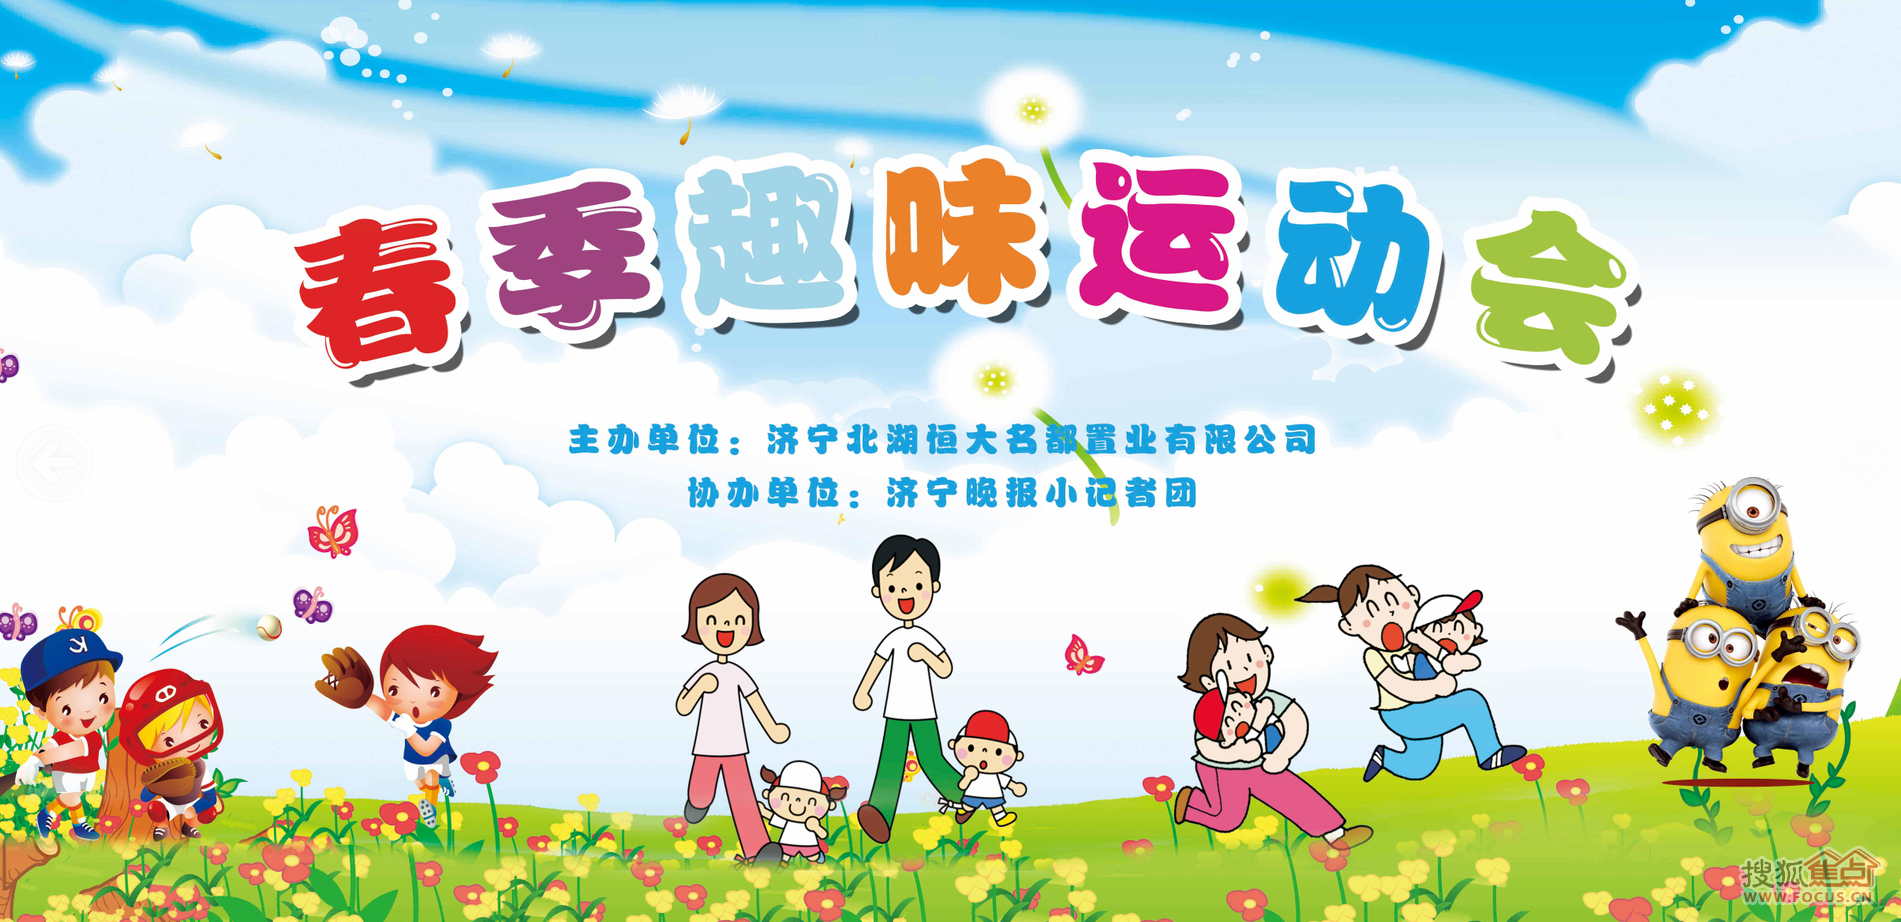 逐日資訊_【今日資訊】 4月12日恒大名都 春季親子趣味運動會